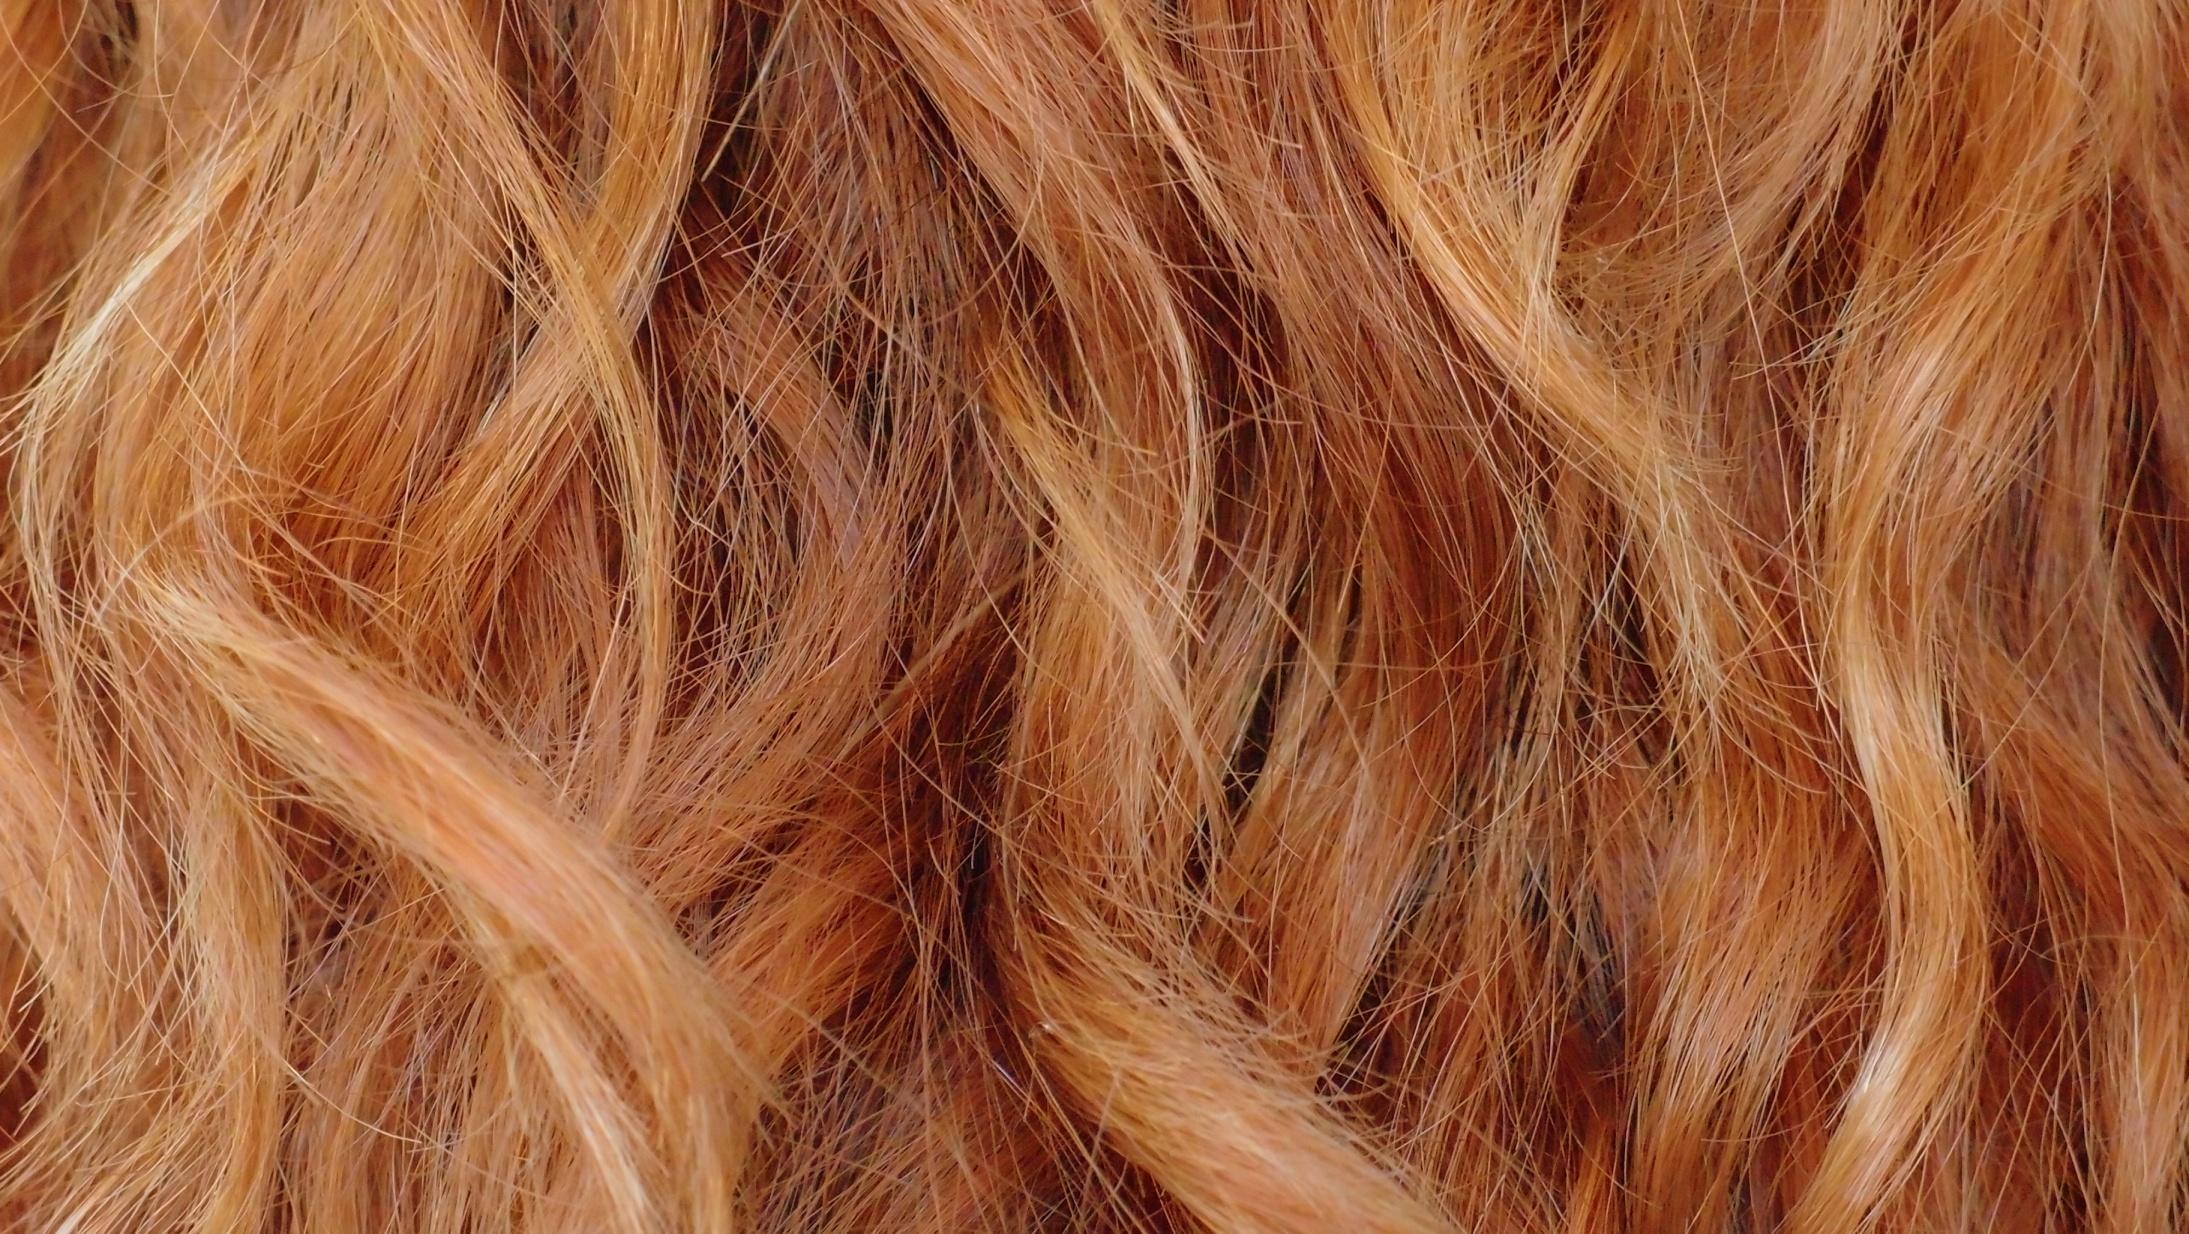 A ladies hair up close